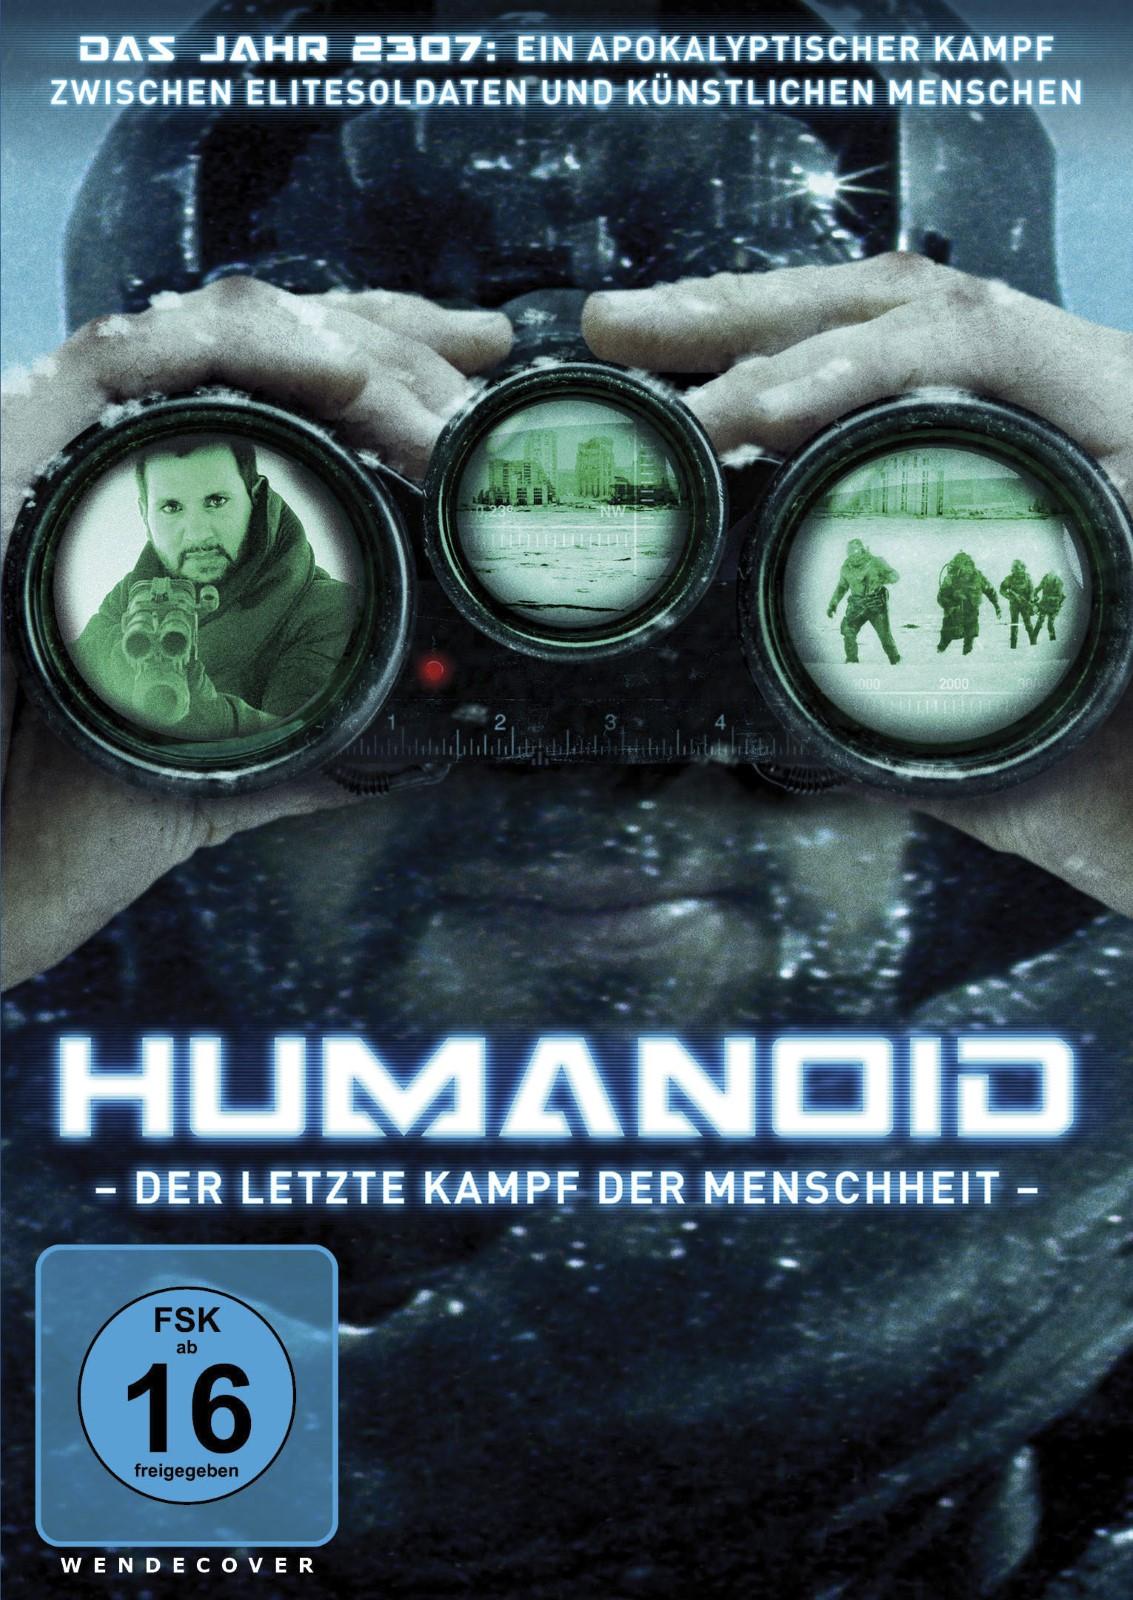 Humanoid Der Letzte Kampf Der Menschheit Trailer